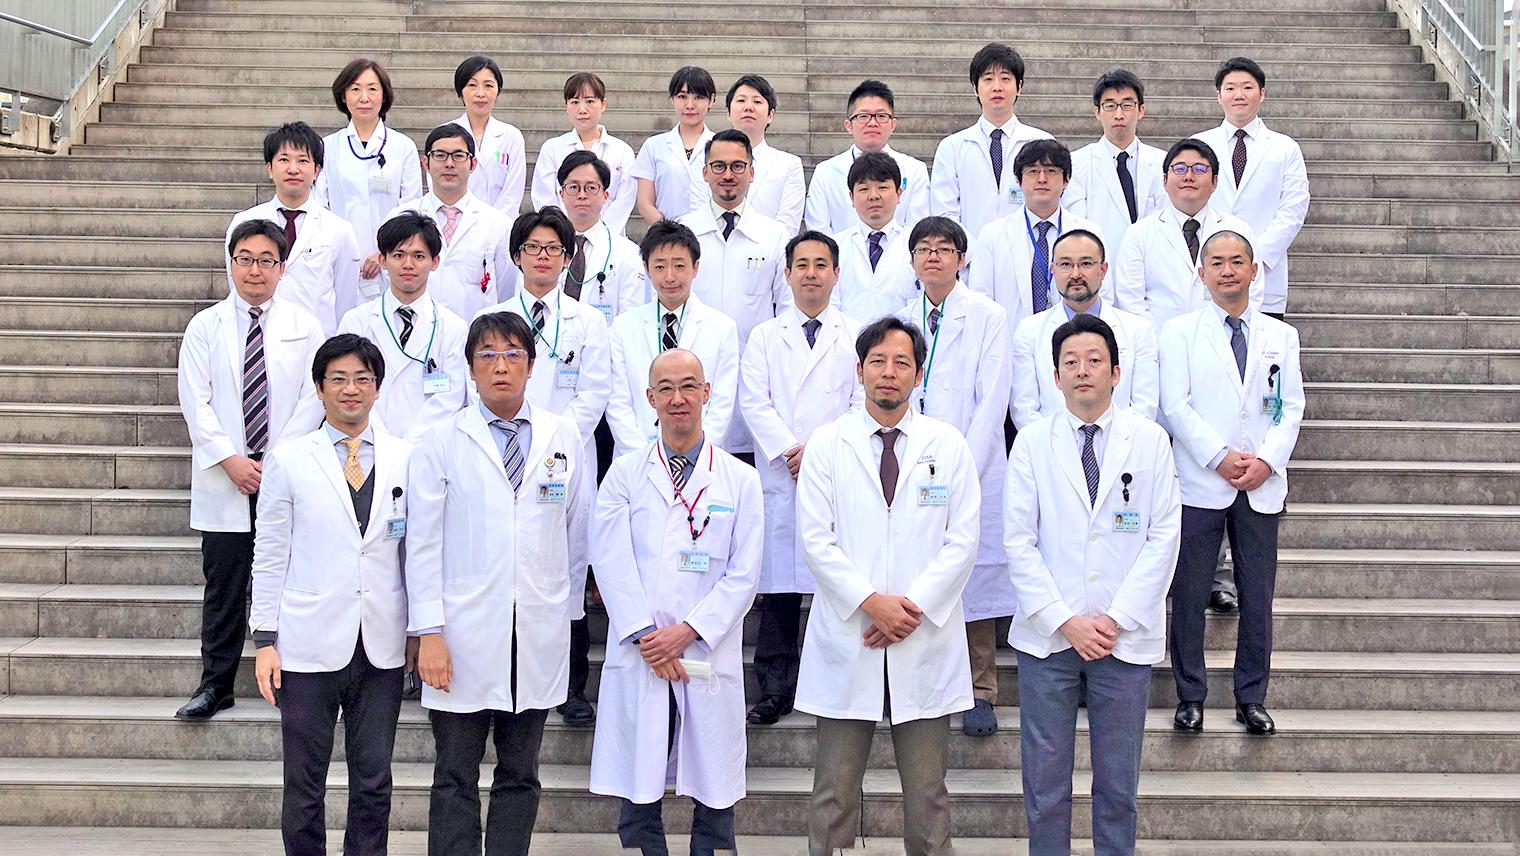 吉田先生と福岡大学病院消化器外科の医局員の人達が集合している写真